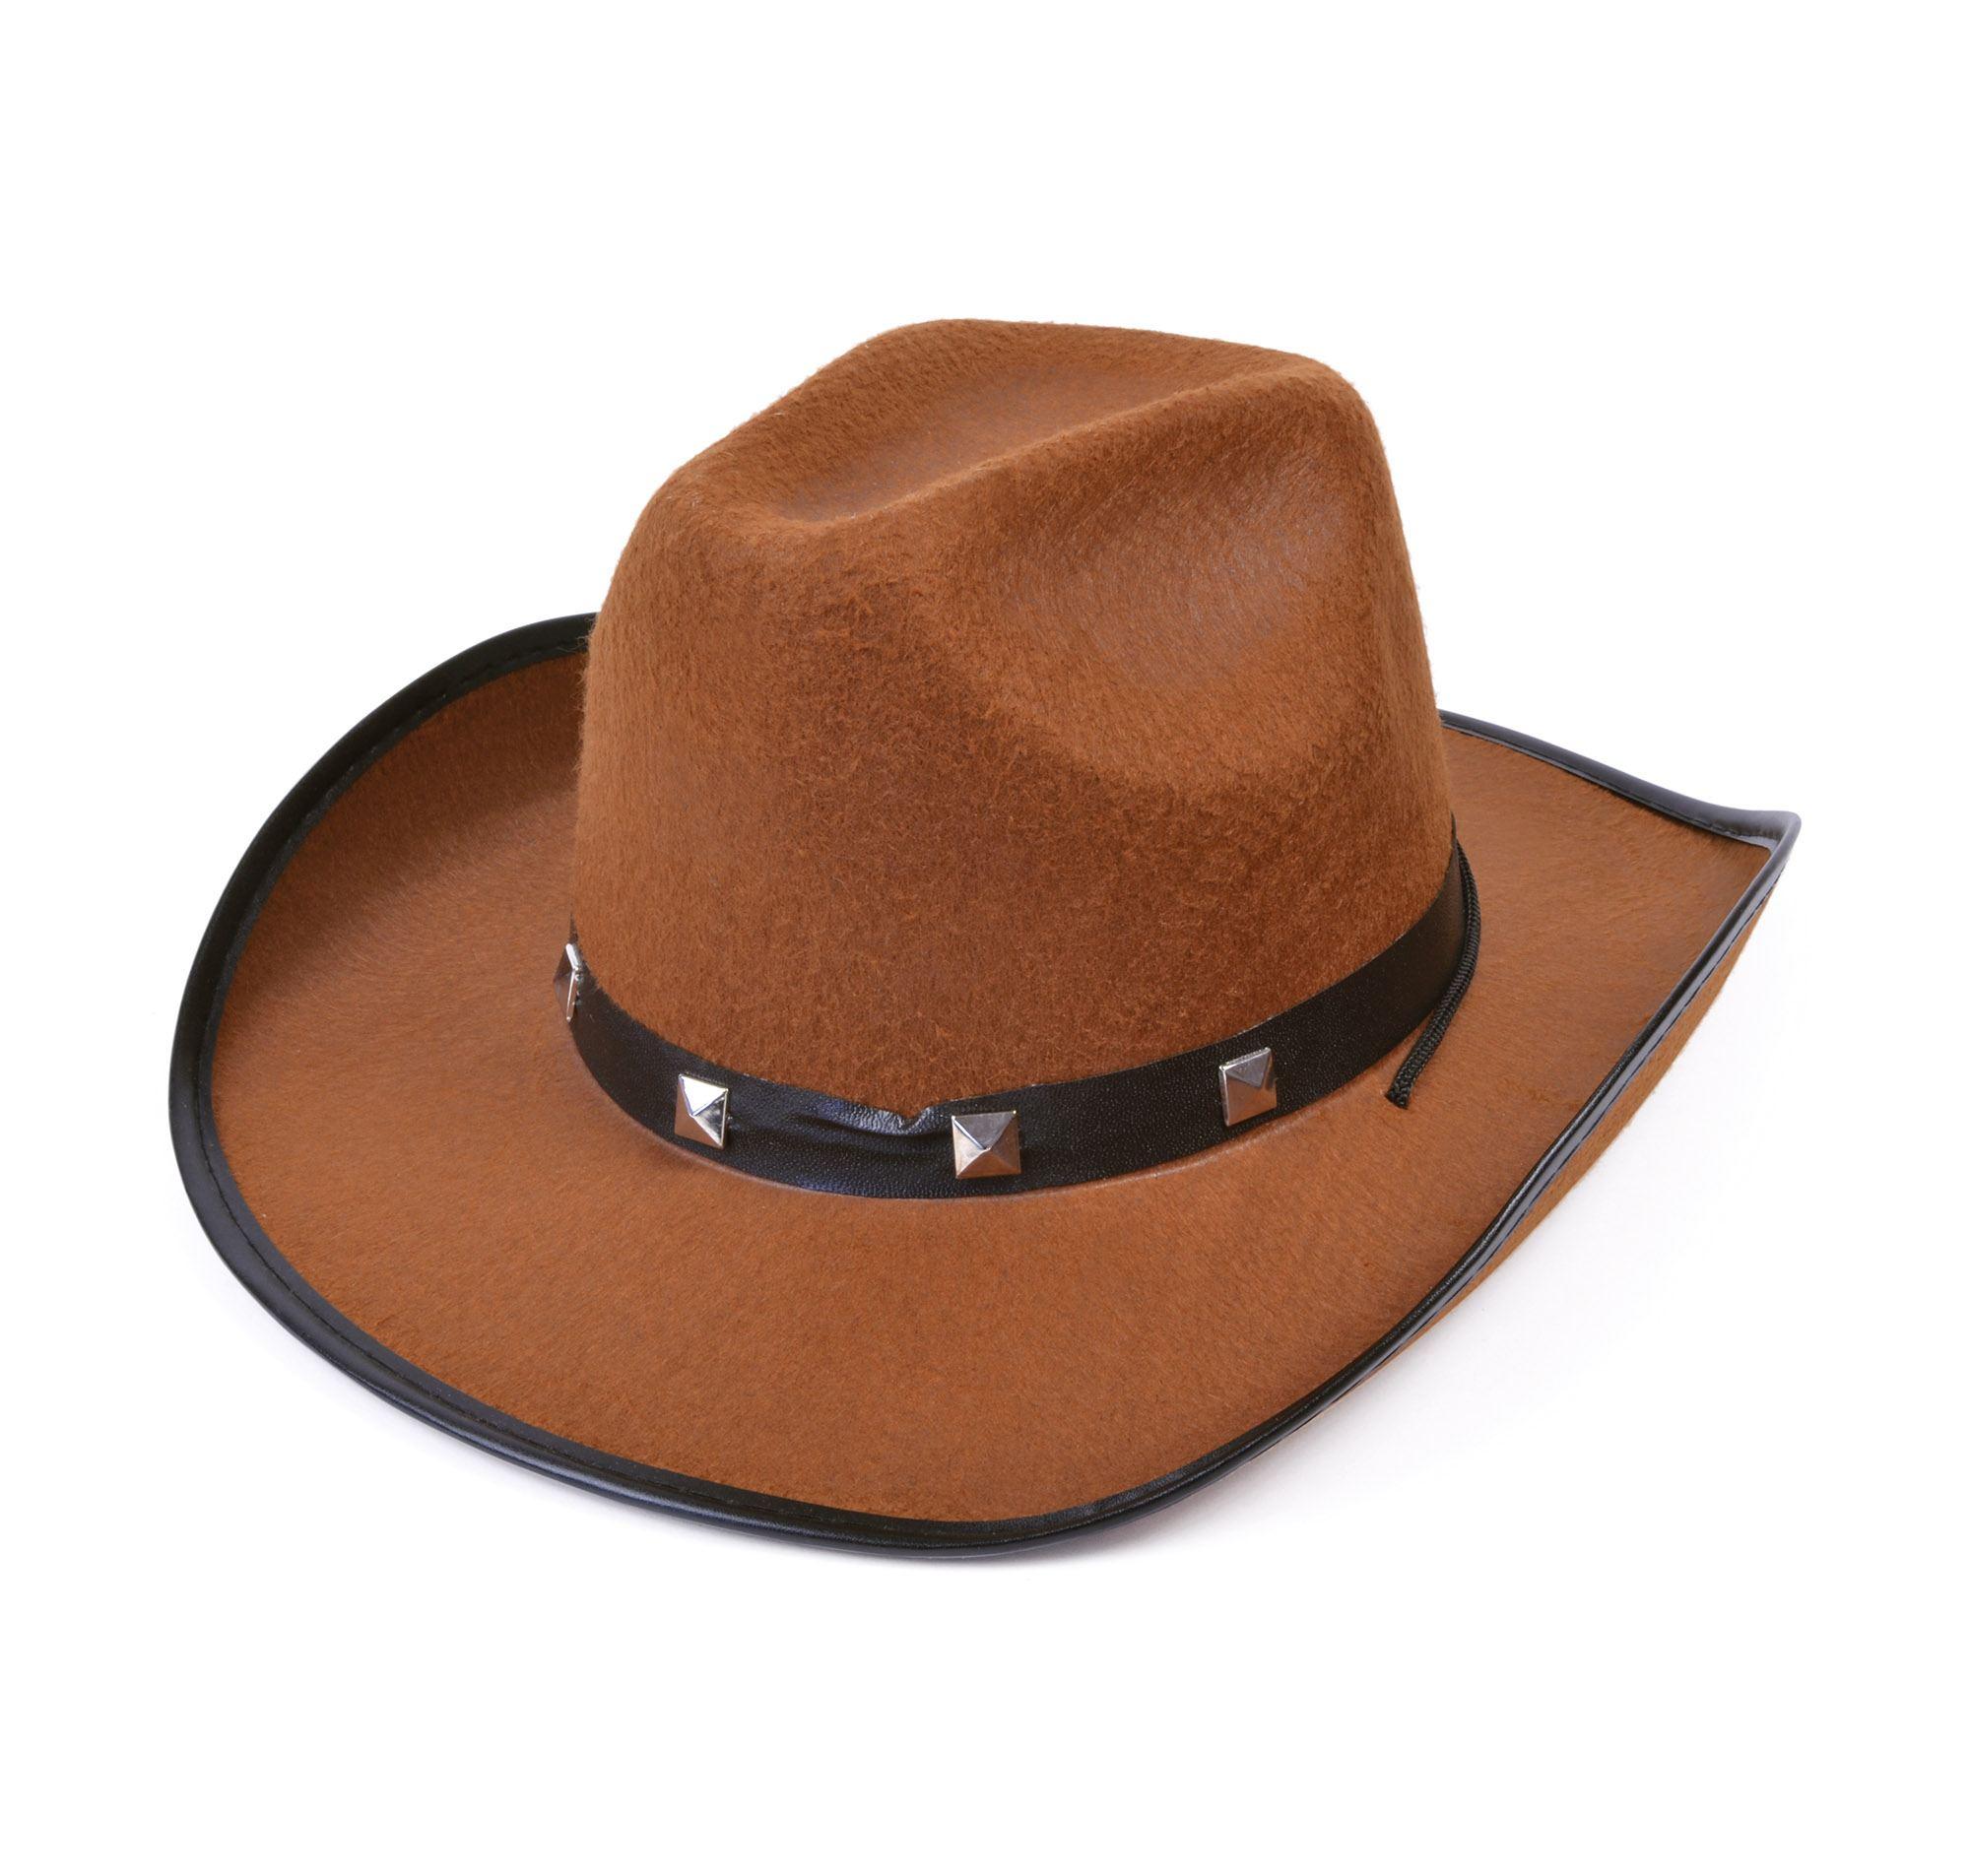 Cowboy con borchie cappello di feltro marrone nuovo 77cd26d95f0d